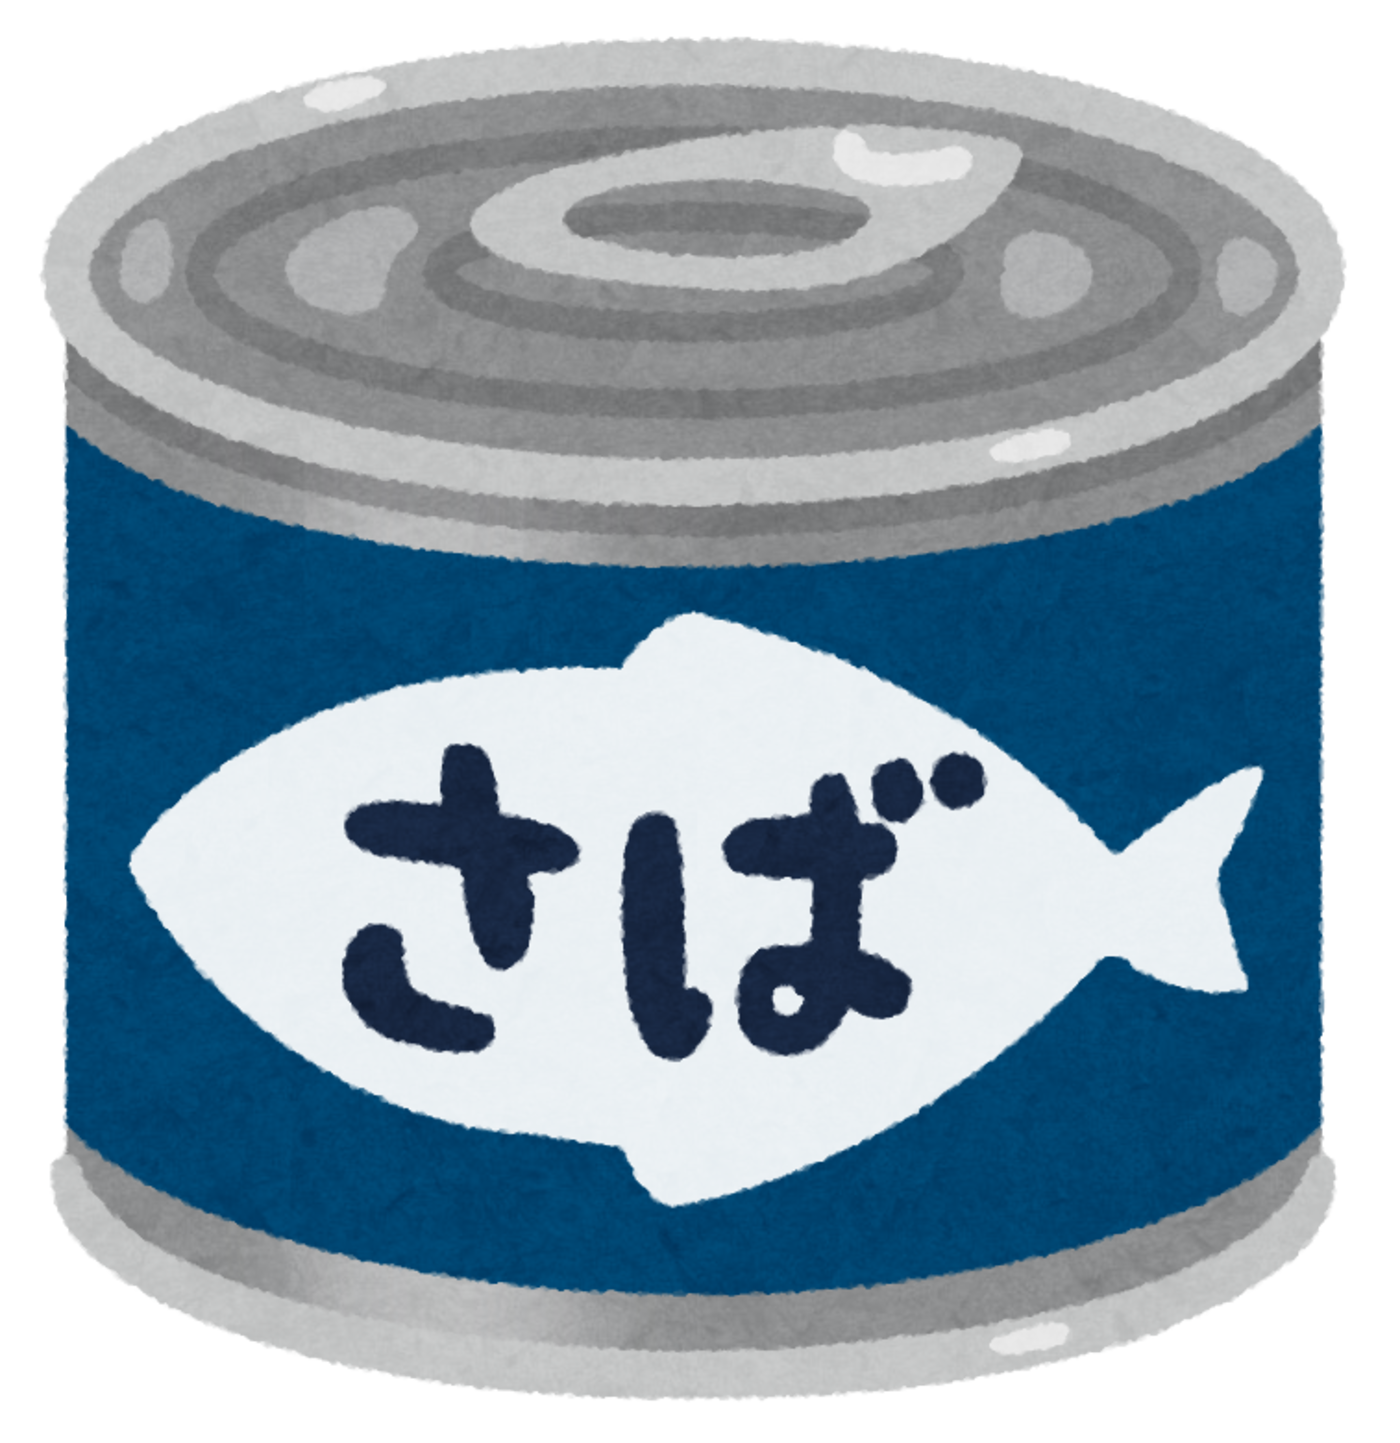 またまた最近話題の食品『鯖の水煮』